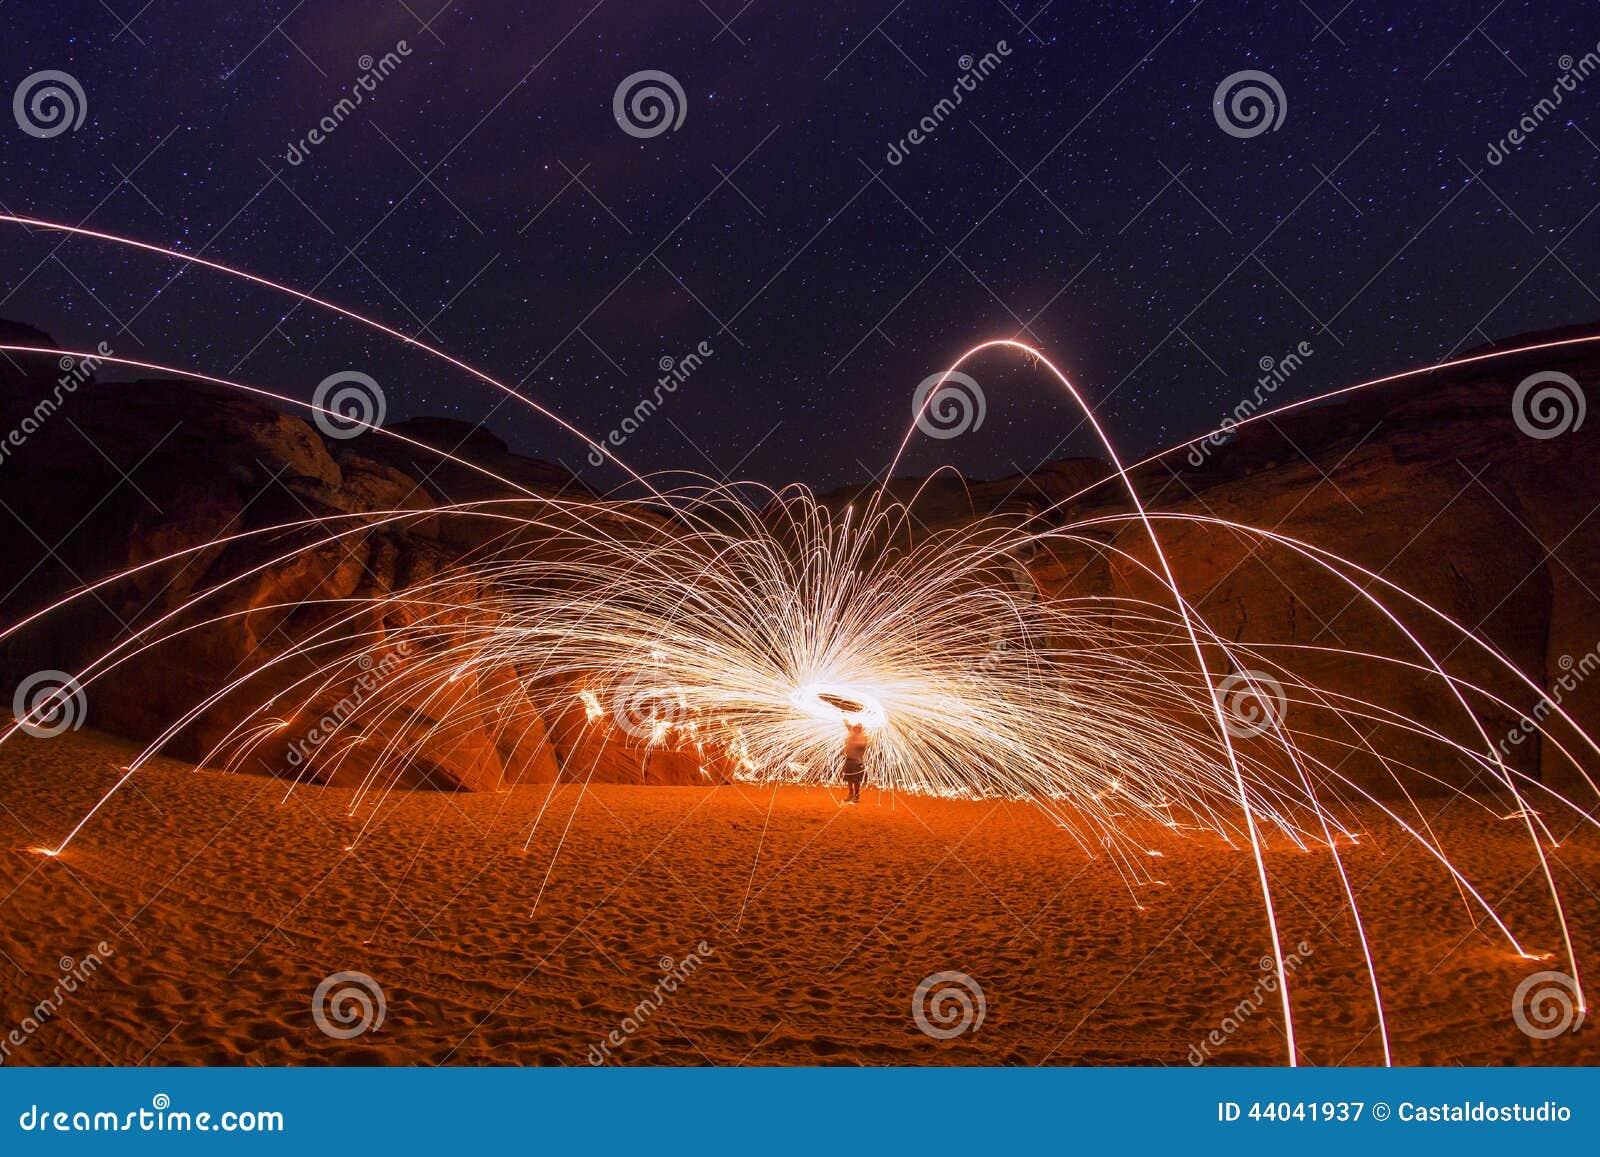 Light in the Desert